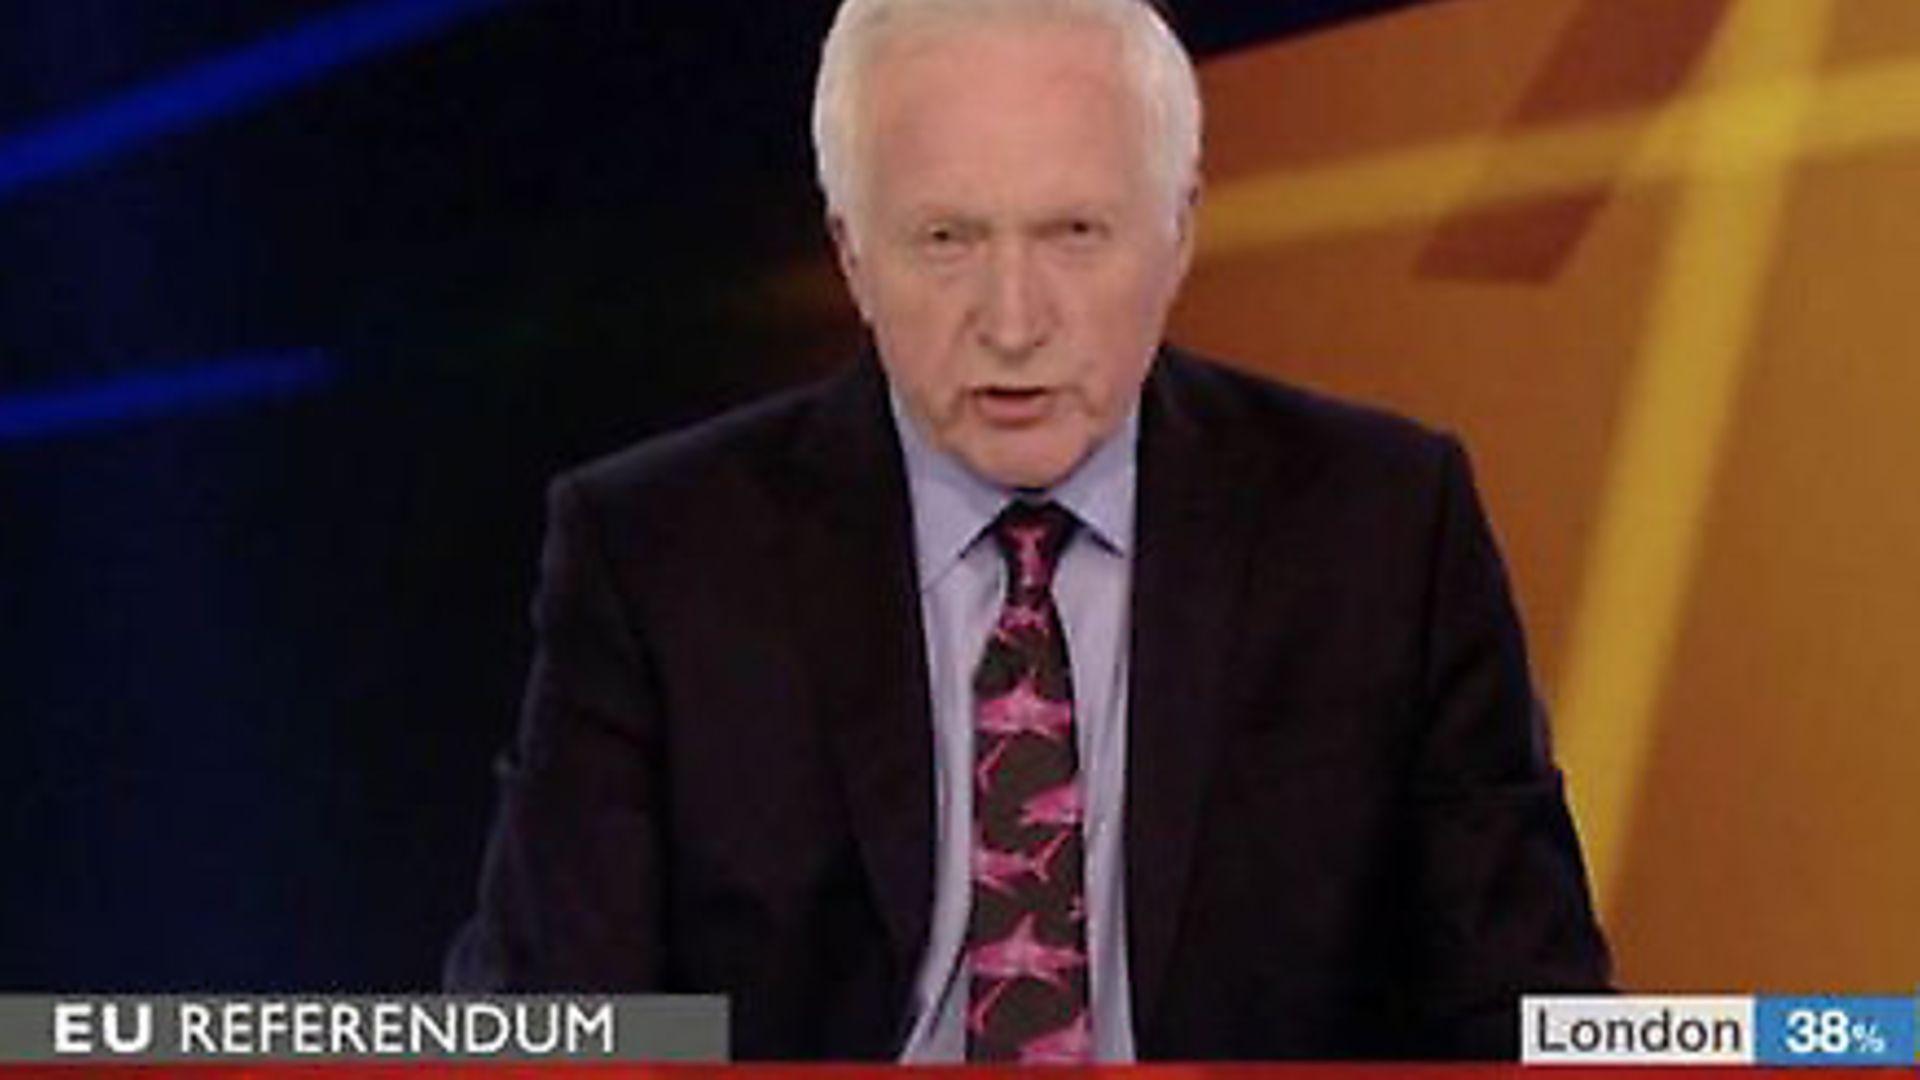 David Dimbleby announces the EU referendum result. Image: BBC News. - Credit: BBC